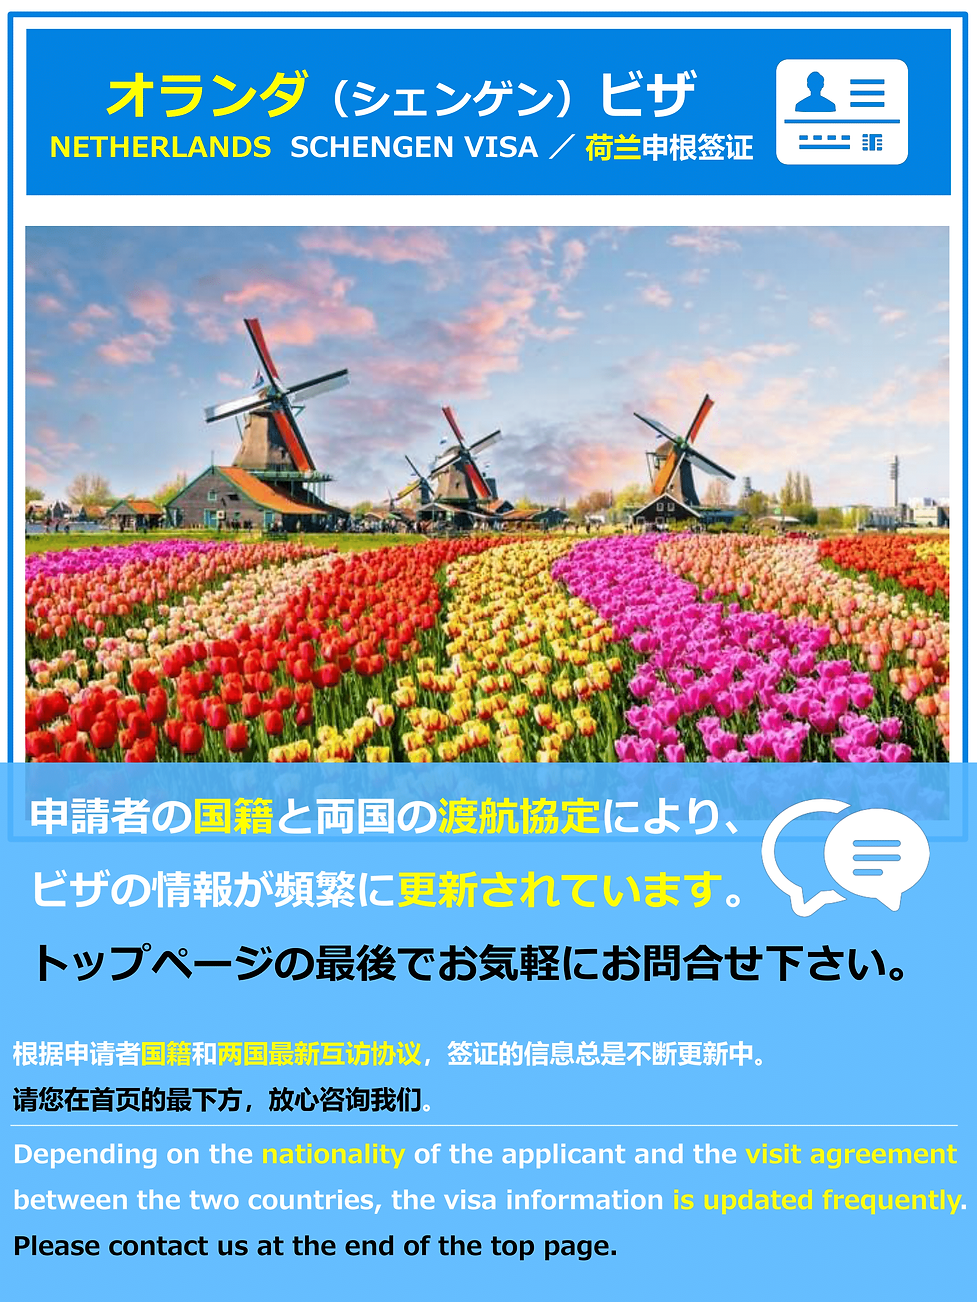 中国人 オランダ シェンゲン ビザ 申請 代行